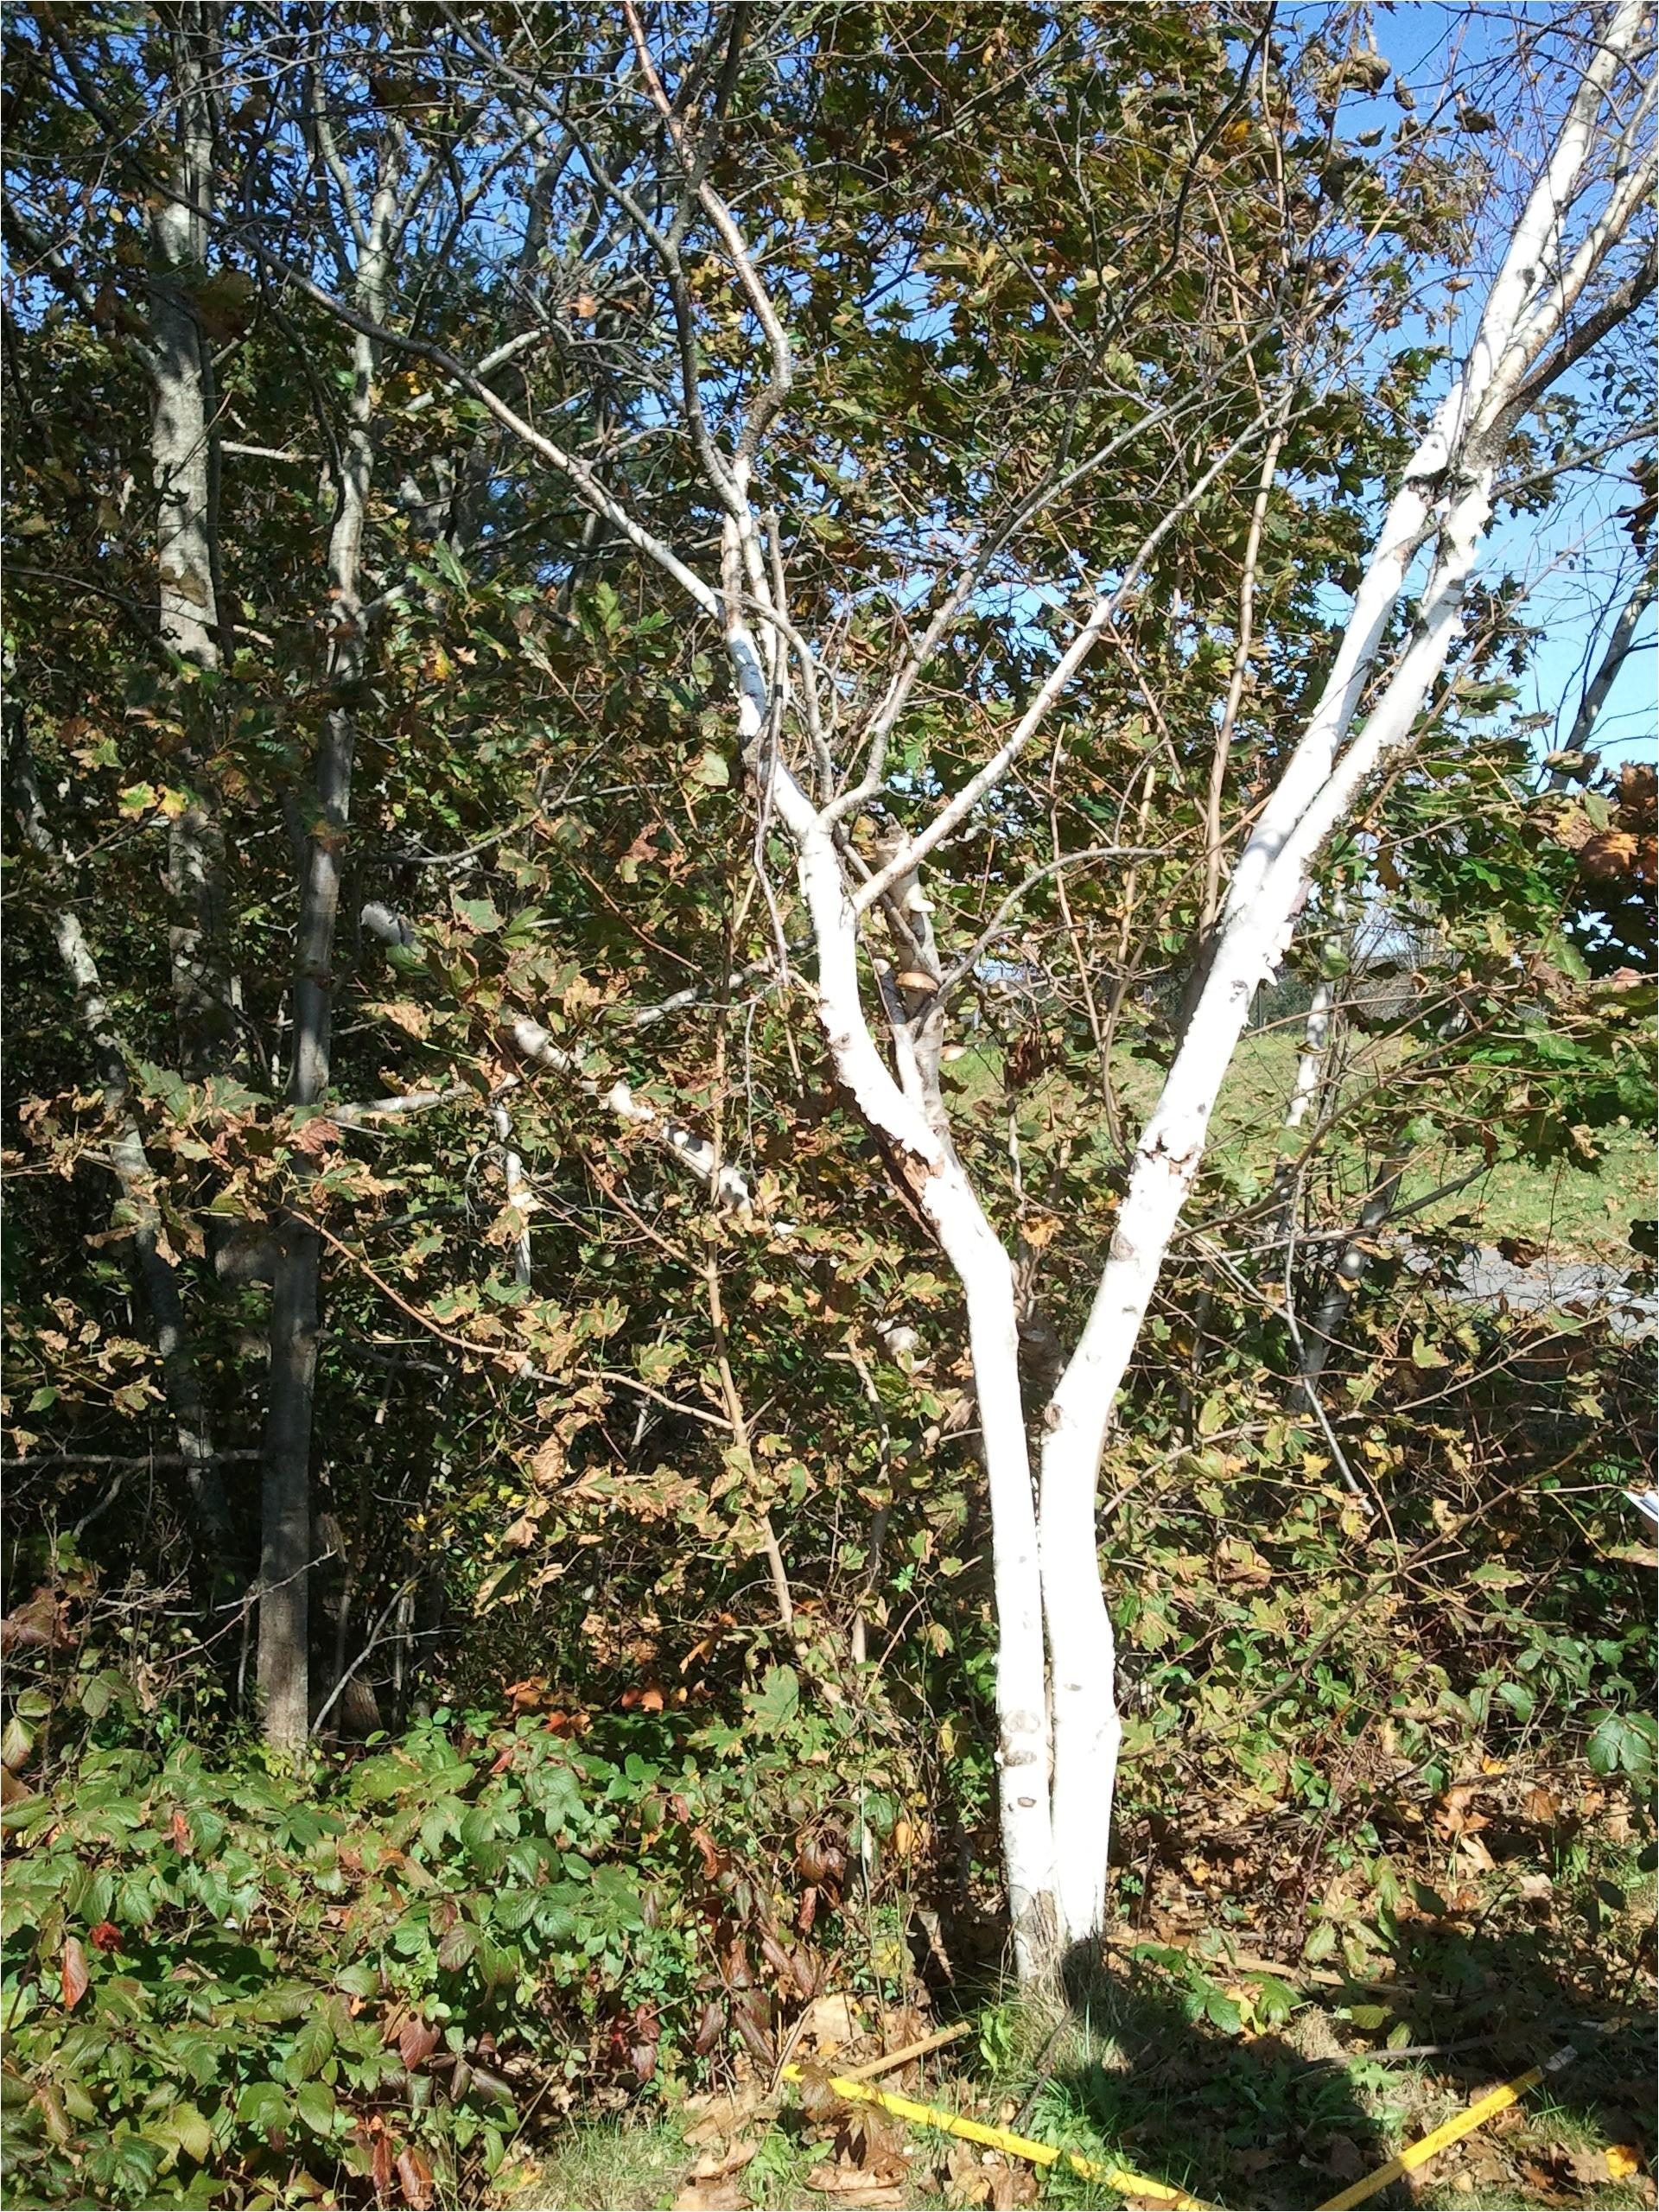 species betula papyrifera was found lawiz birch trees 2011 10 17